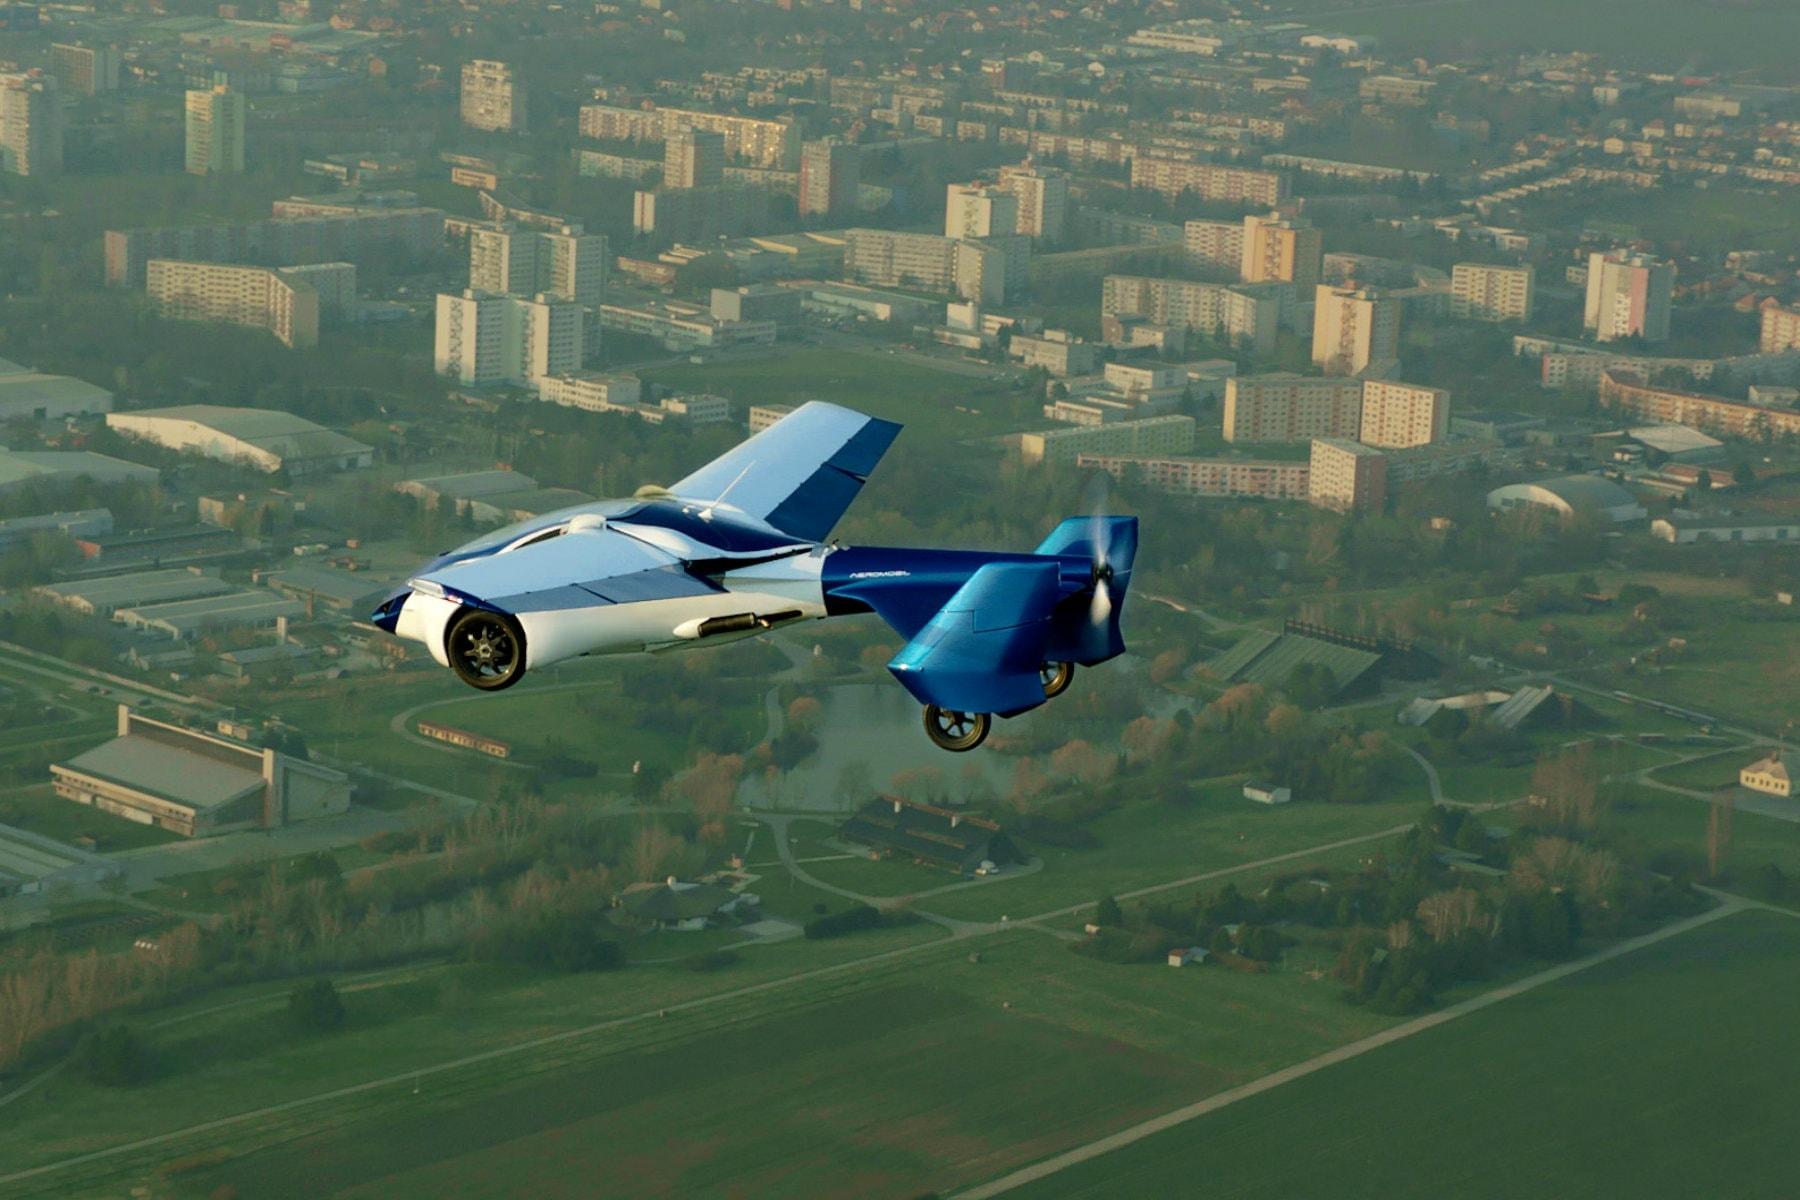 imagesvoiture-volante-14.jpg